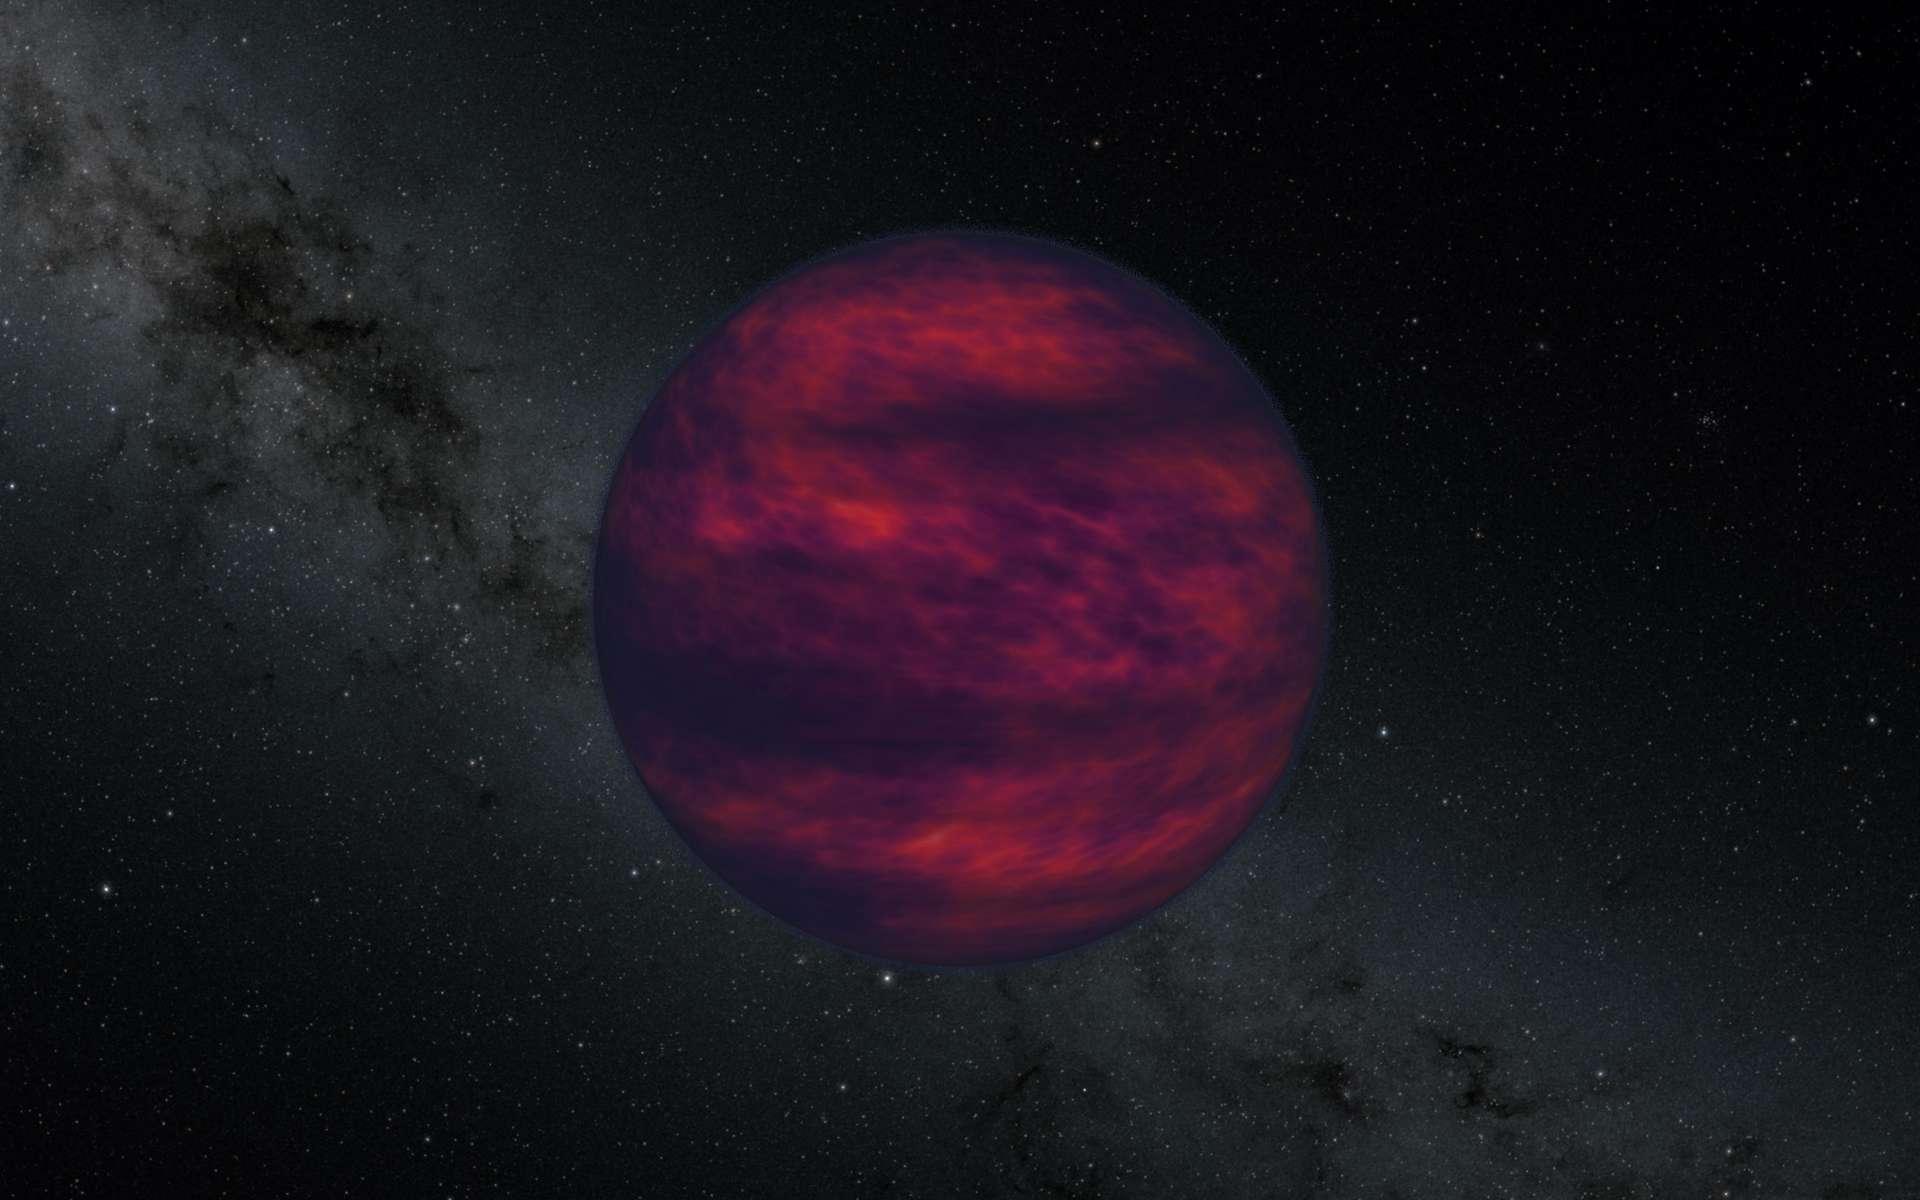 Les naines brunes sont intermédiaires en masse entre les planètes géantes et les étoiles. Elles ont une masse typiquement comprise entre 13 et 80 fois celle de Jupiter, ce qui suffit pour déclencher la fusion du deutérium (absente dans les planètes comme Jupiter) mais pas pour initier la fusion de l'hydrogène (protium), ce qui définit les étoiles. © Nasa / JPL-Caltech